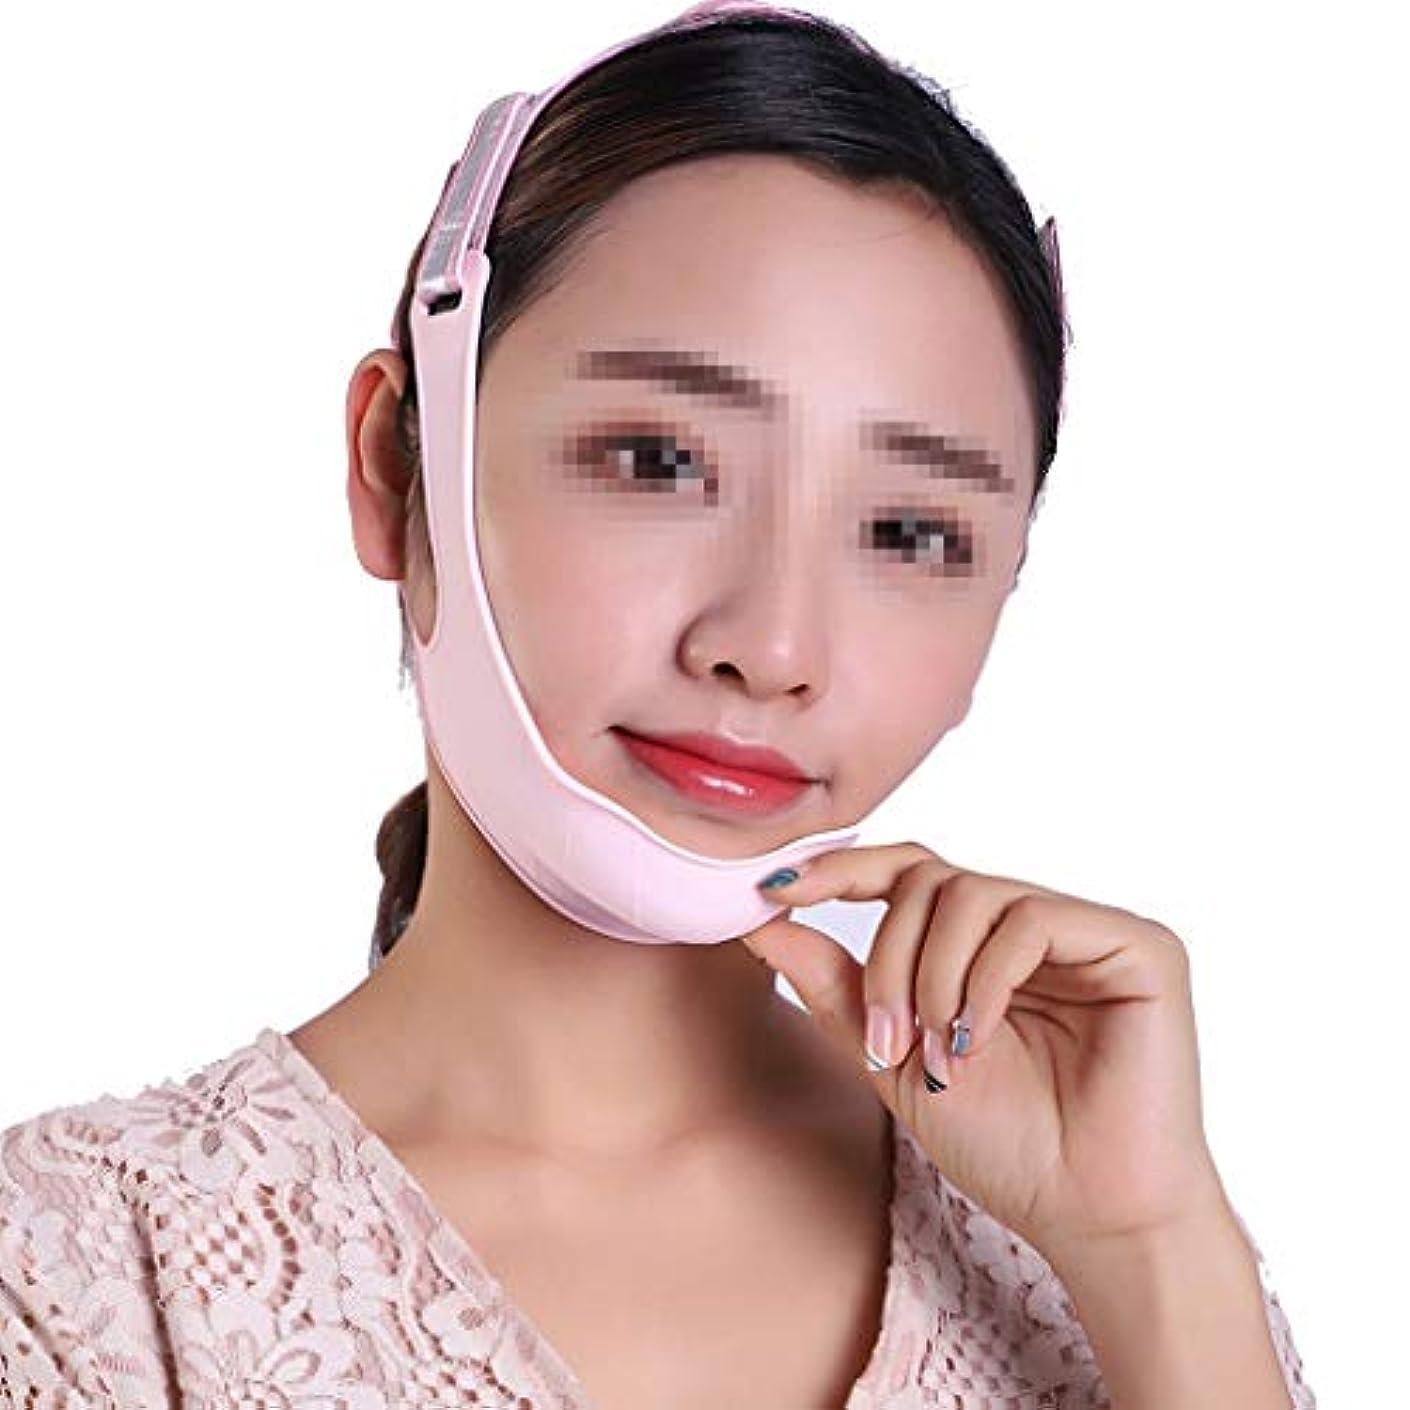 キノコ冒険者ハチシリコーンフェイスマスク、小さなv顔薄い顔包帯持ち上がる顔引き締めアーティファクトマッサージ師スキニーフェイス美容バー